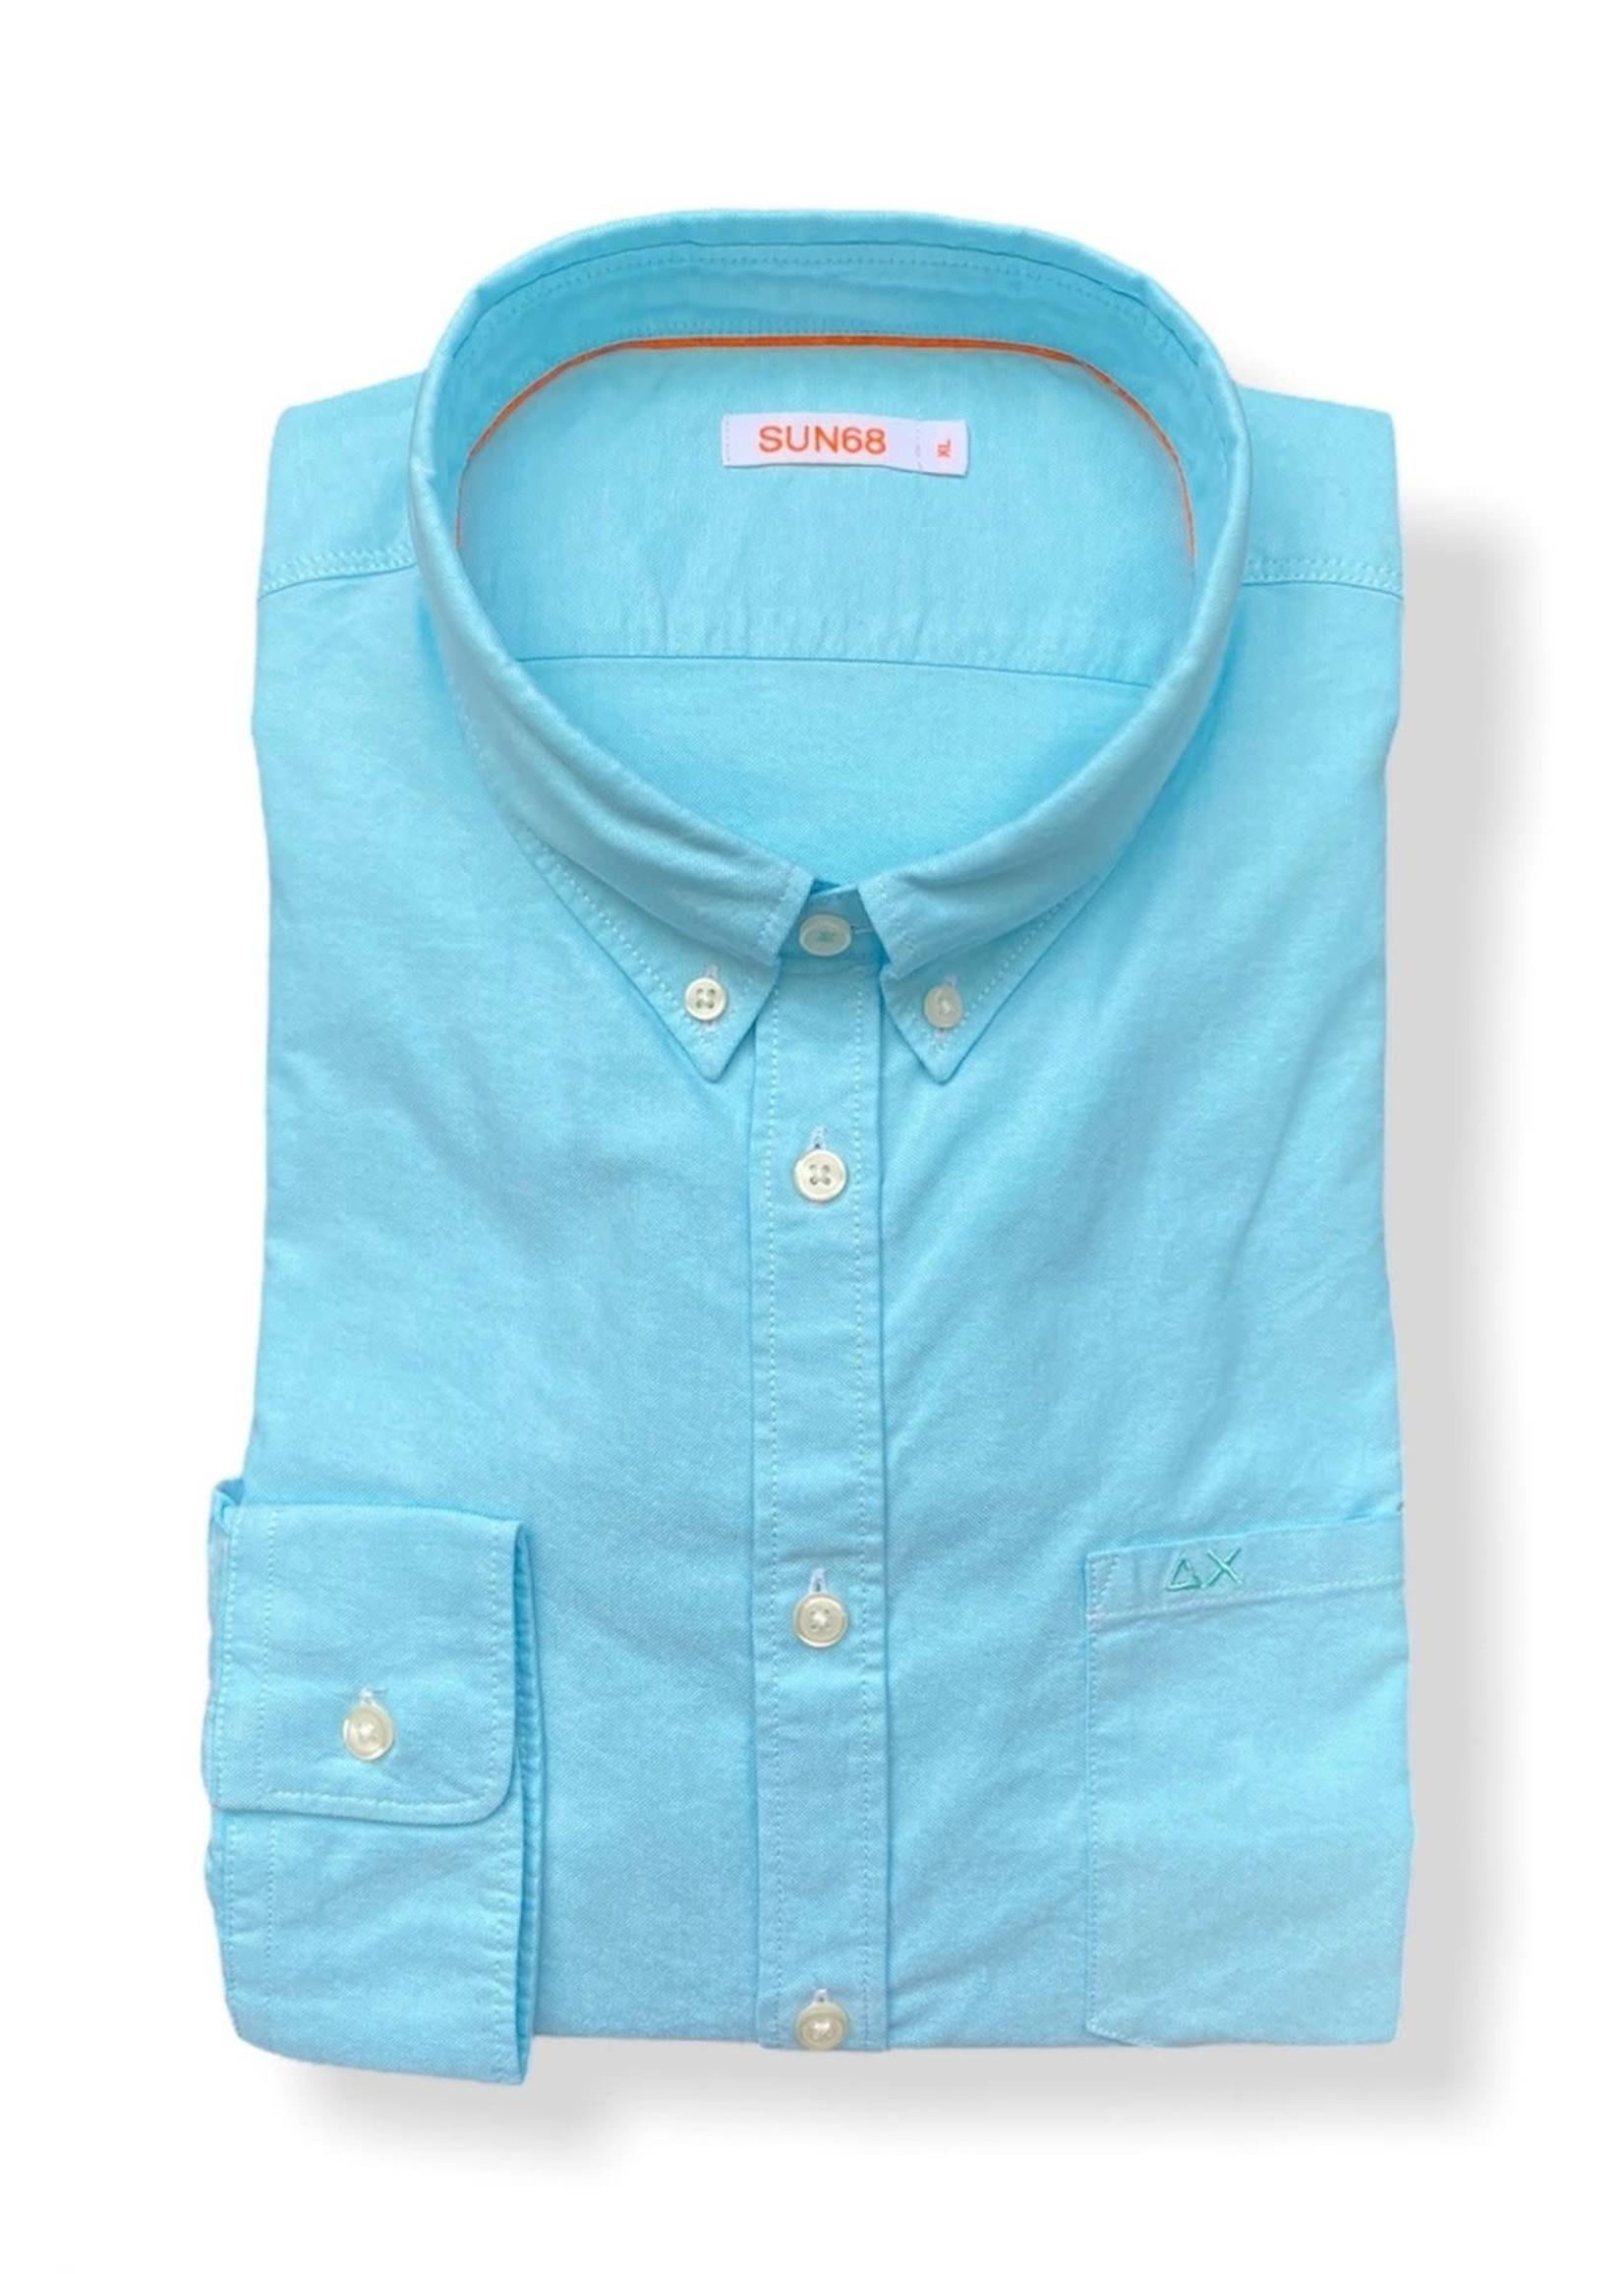 SUN68 Shirt Oxford | Turquoise | SUN68